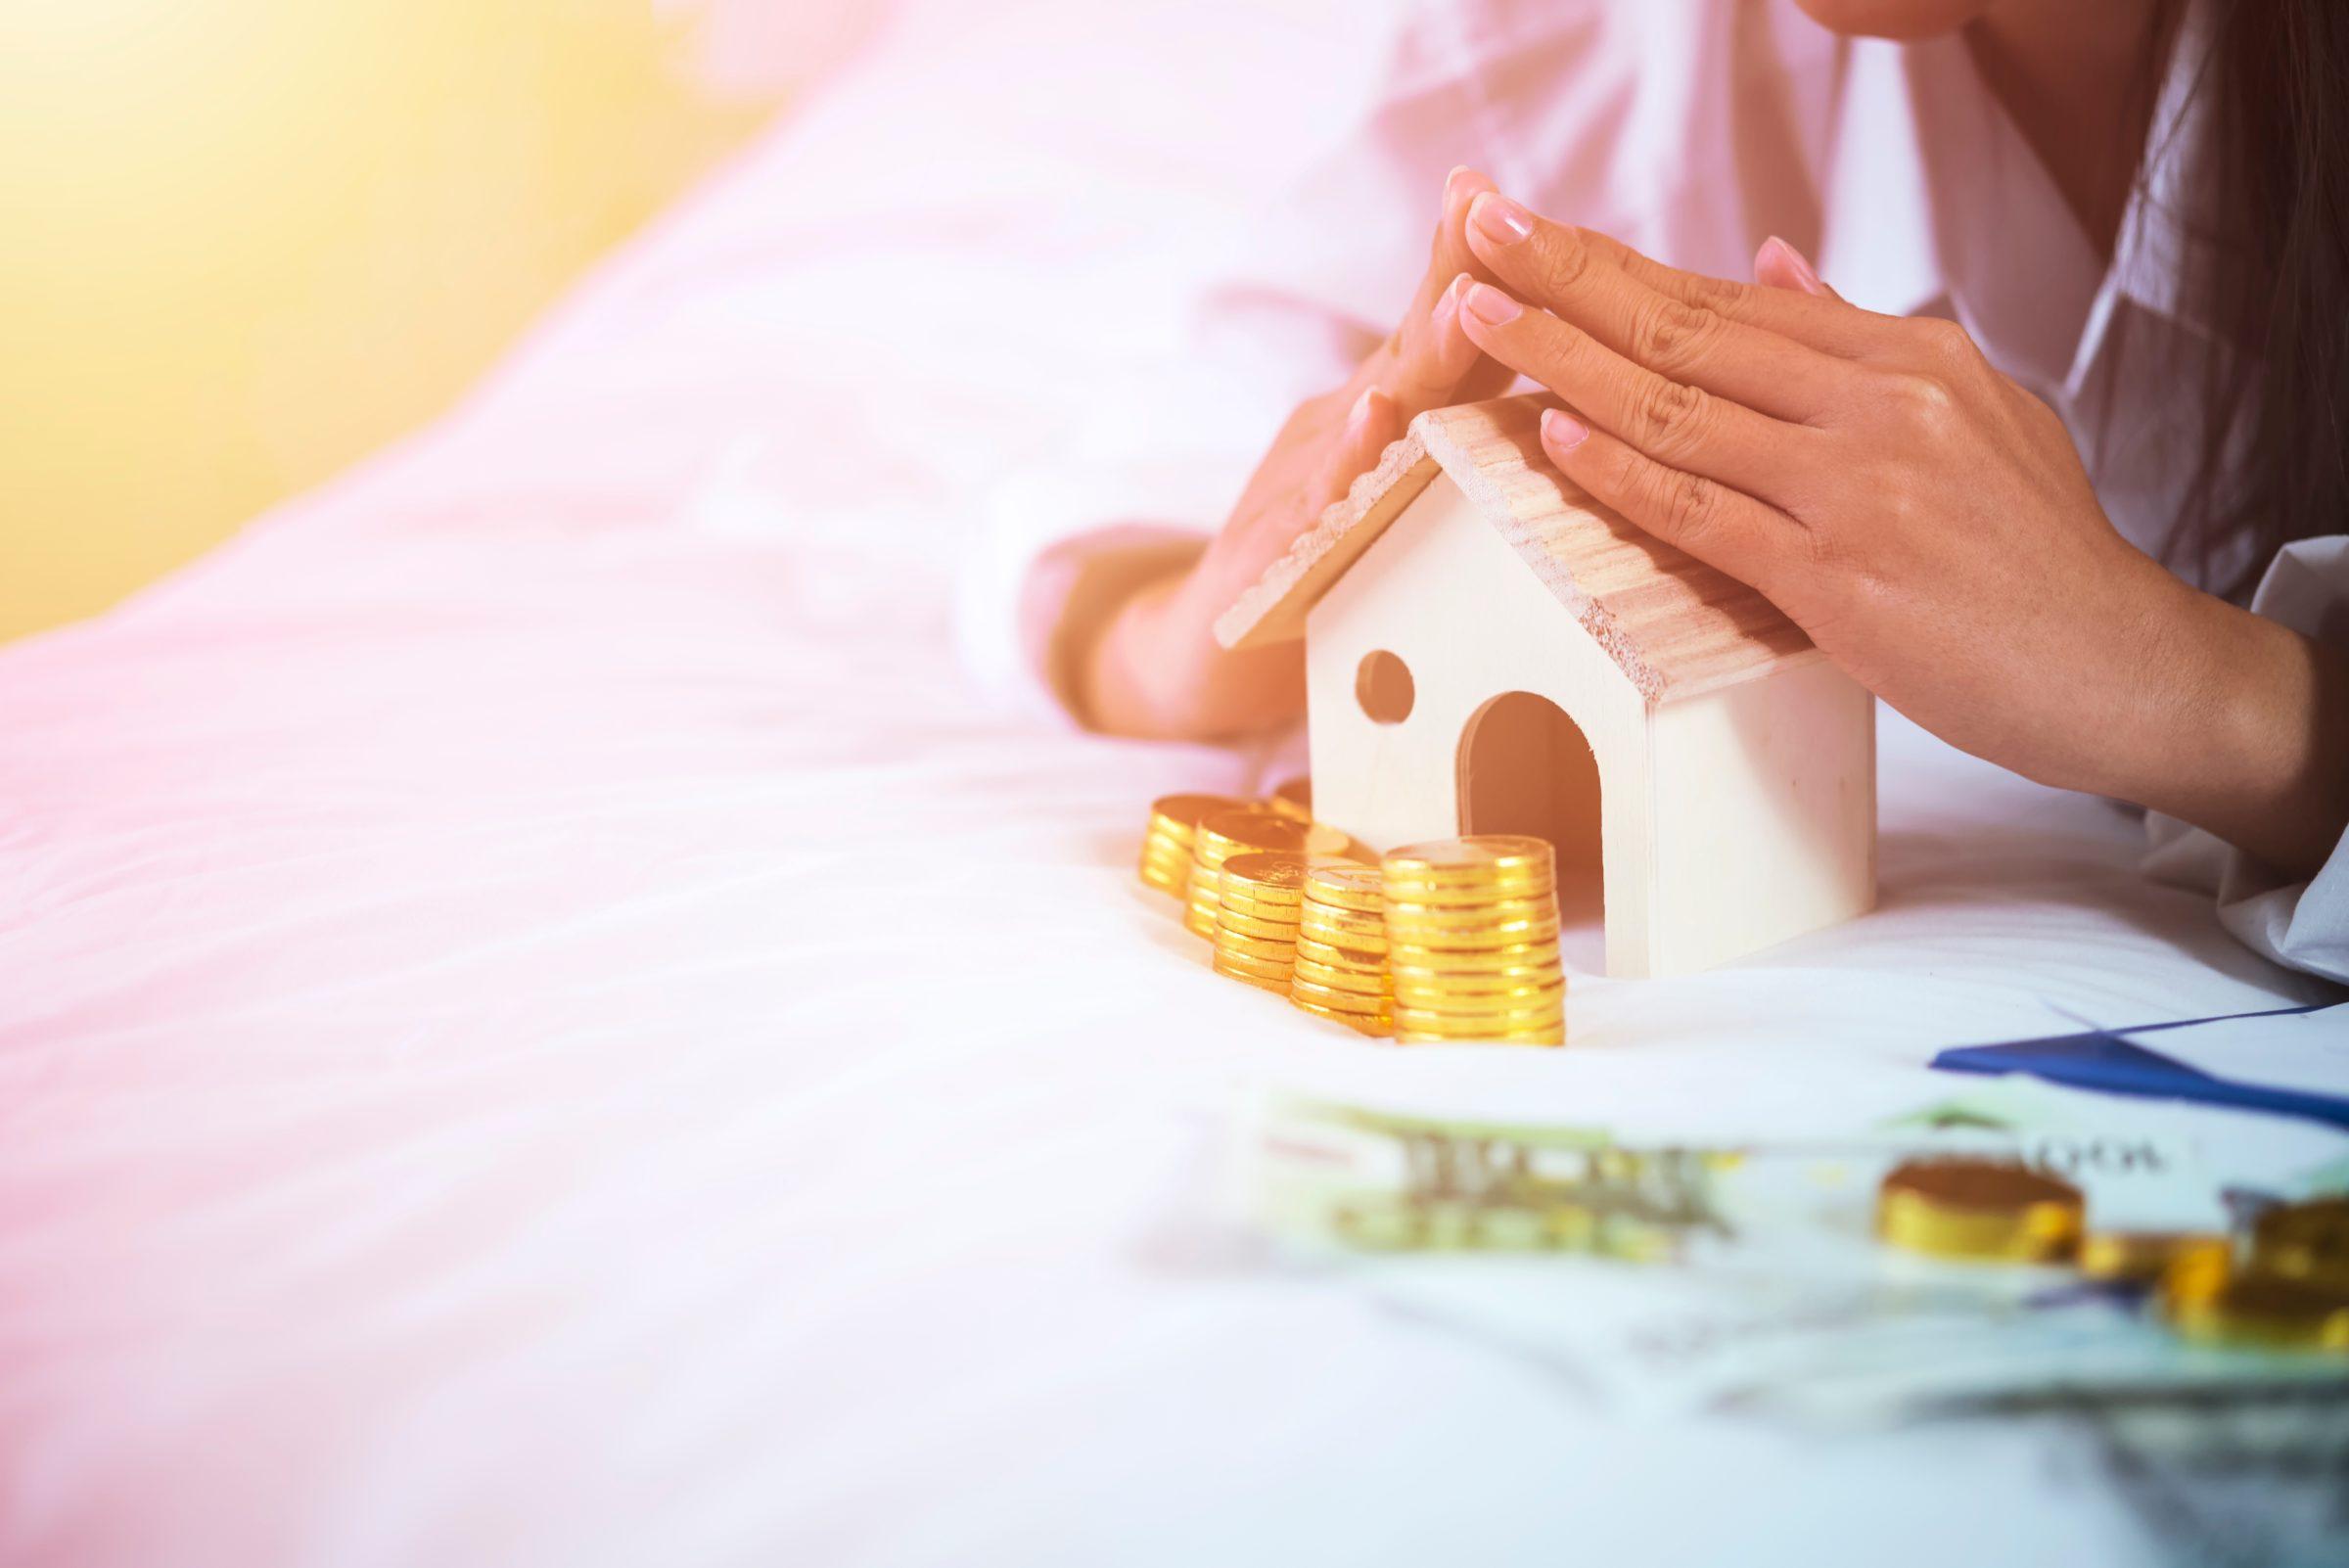 property home loan and saving 2021 04 05 13 12 41 utc